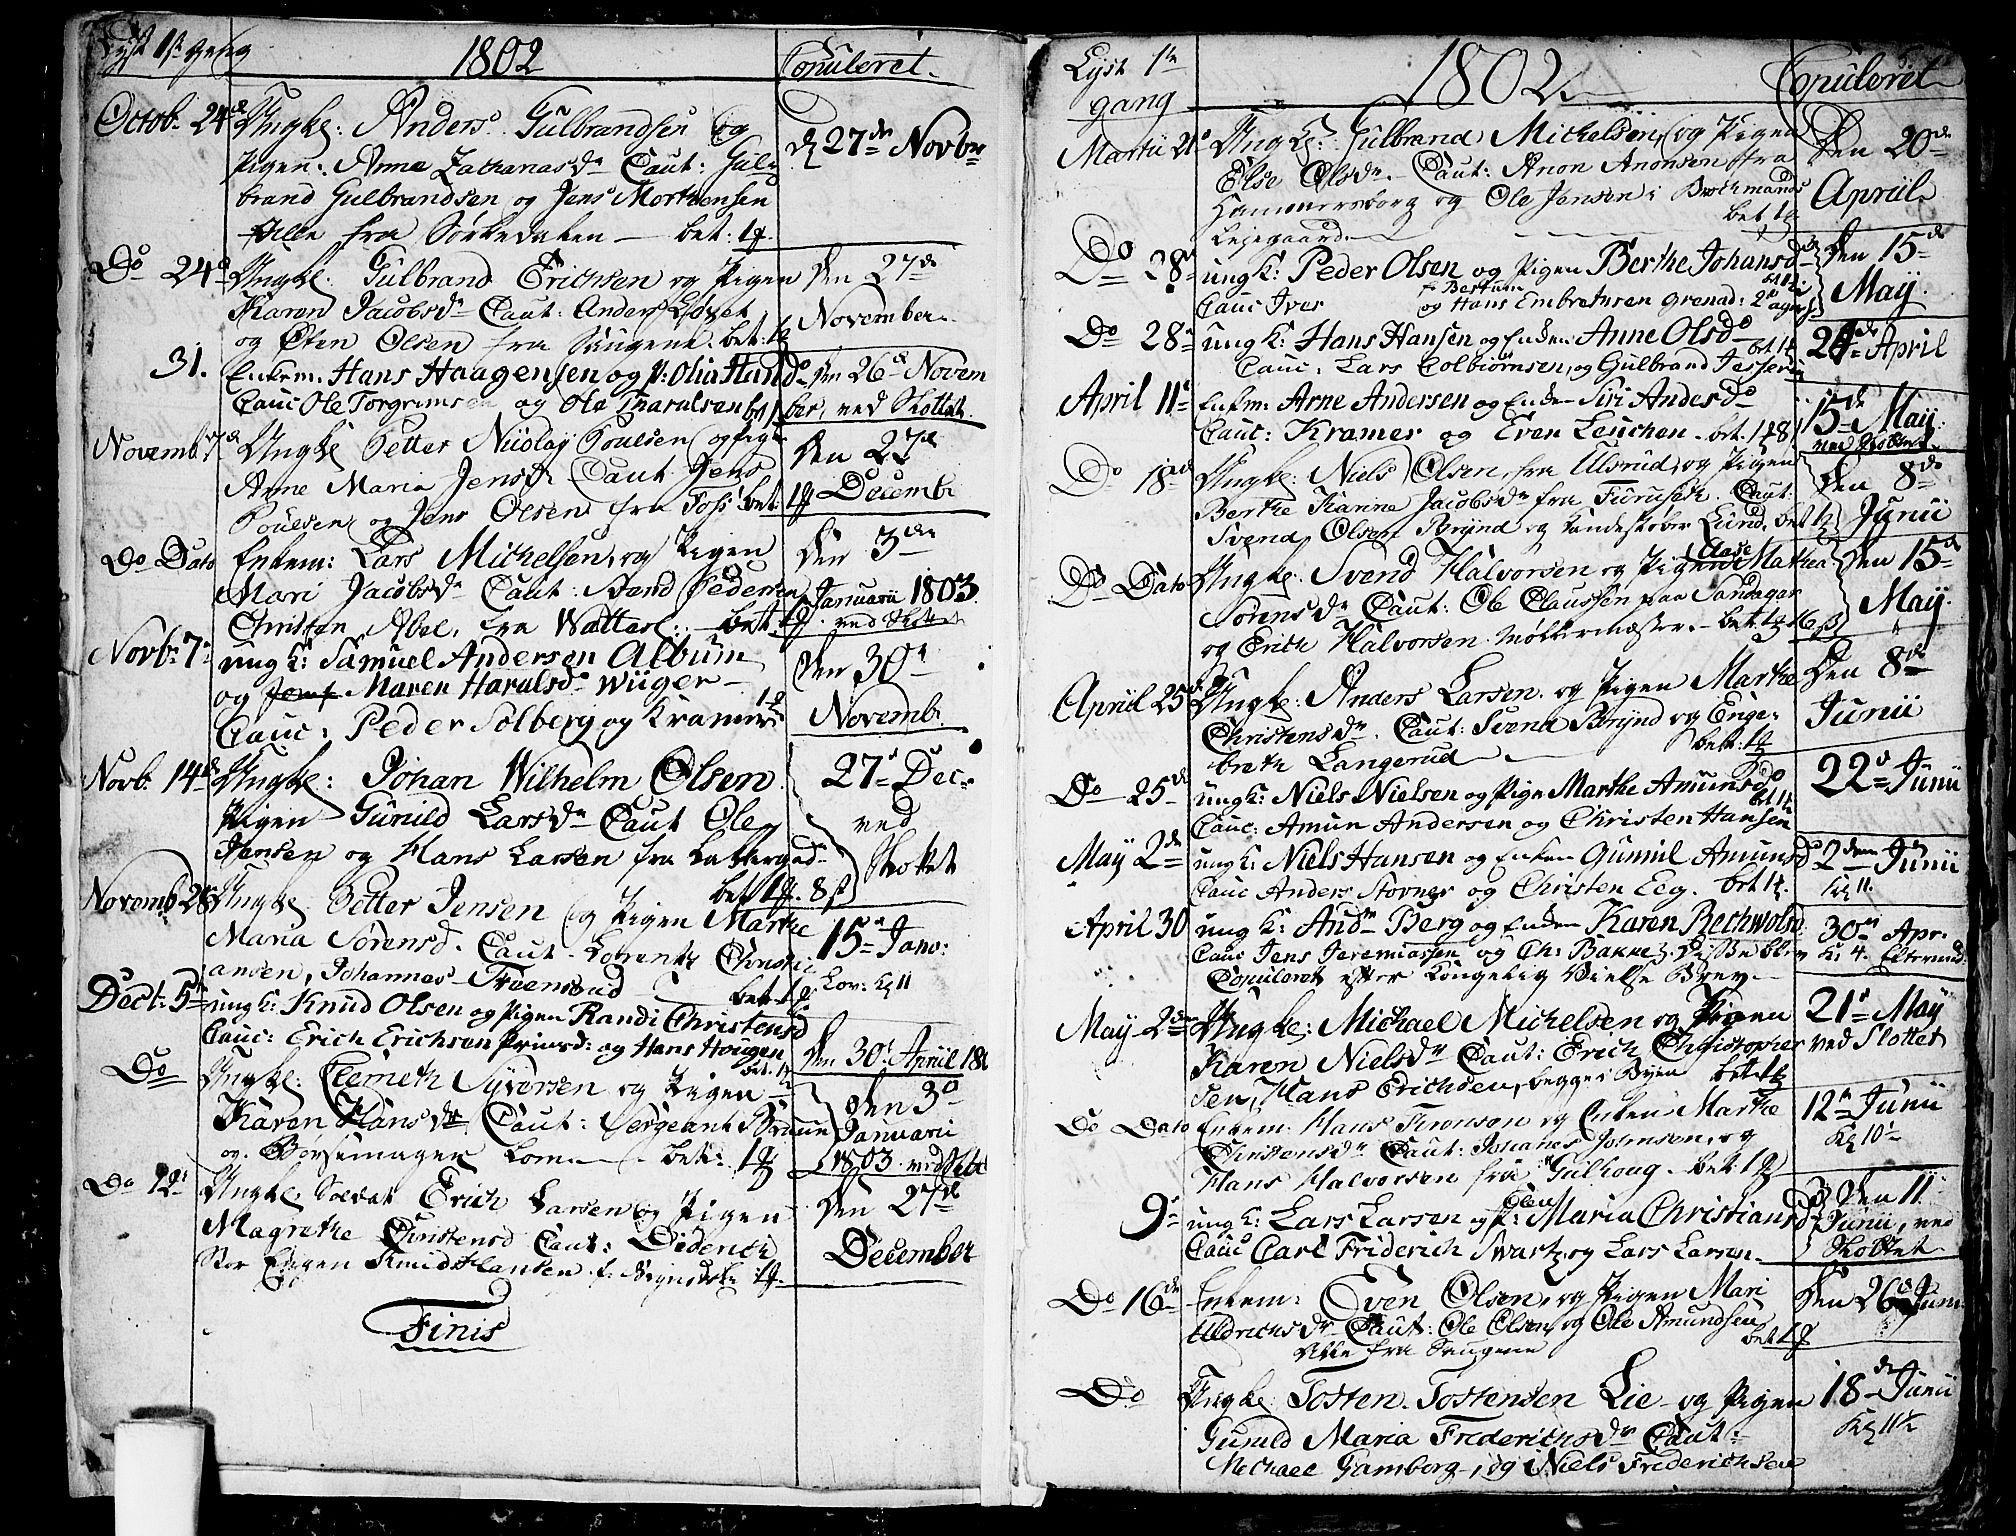 SAO, Aker prestekontor kirkebøker, G/L0001: Klokkerbok nr. 1, 1796-1826, s. 4-5